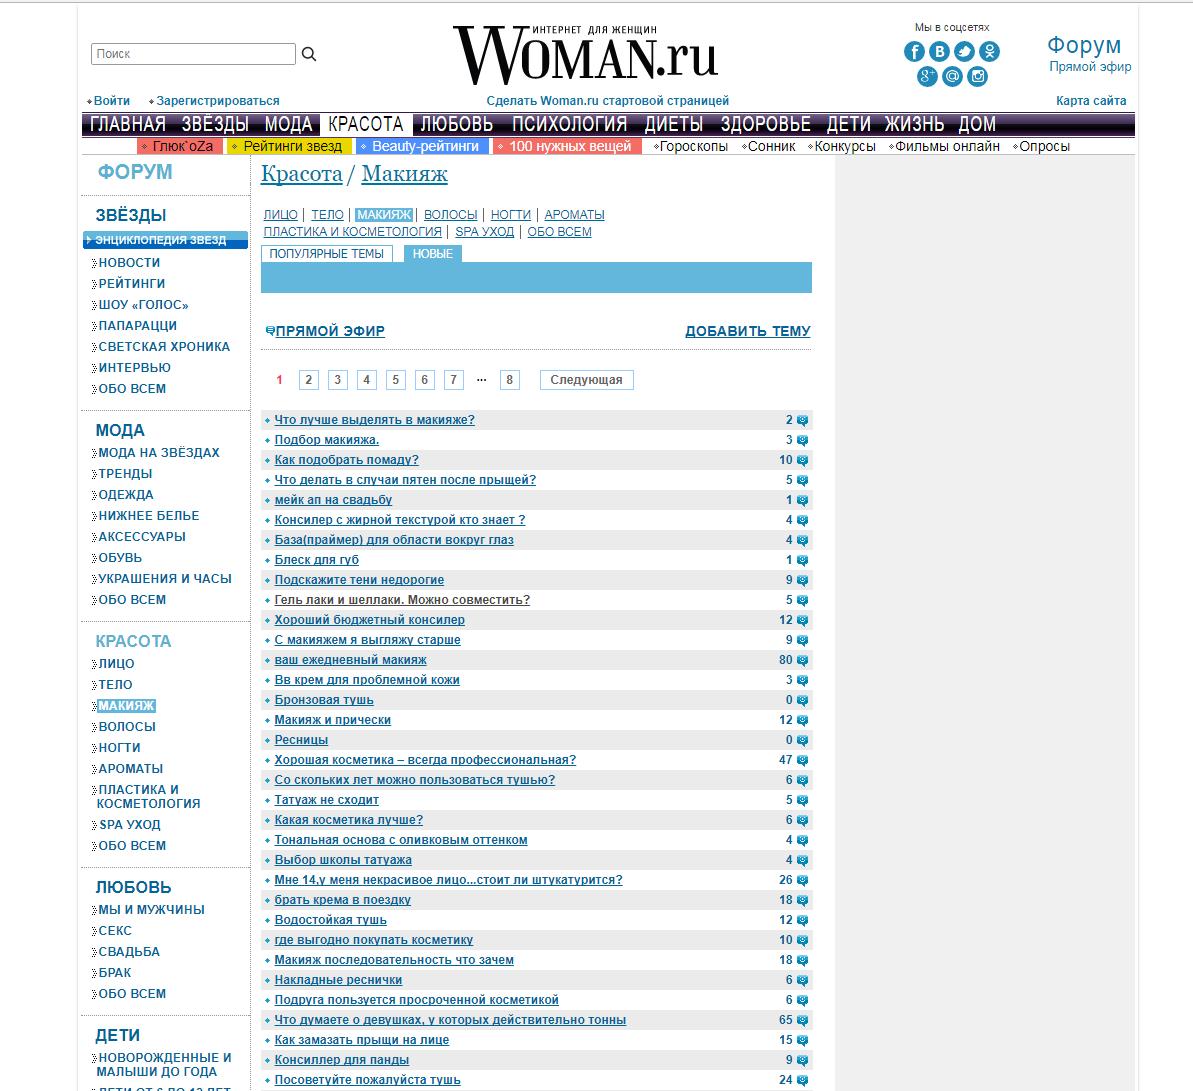 Скриншот сайта woman.ru